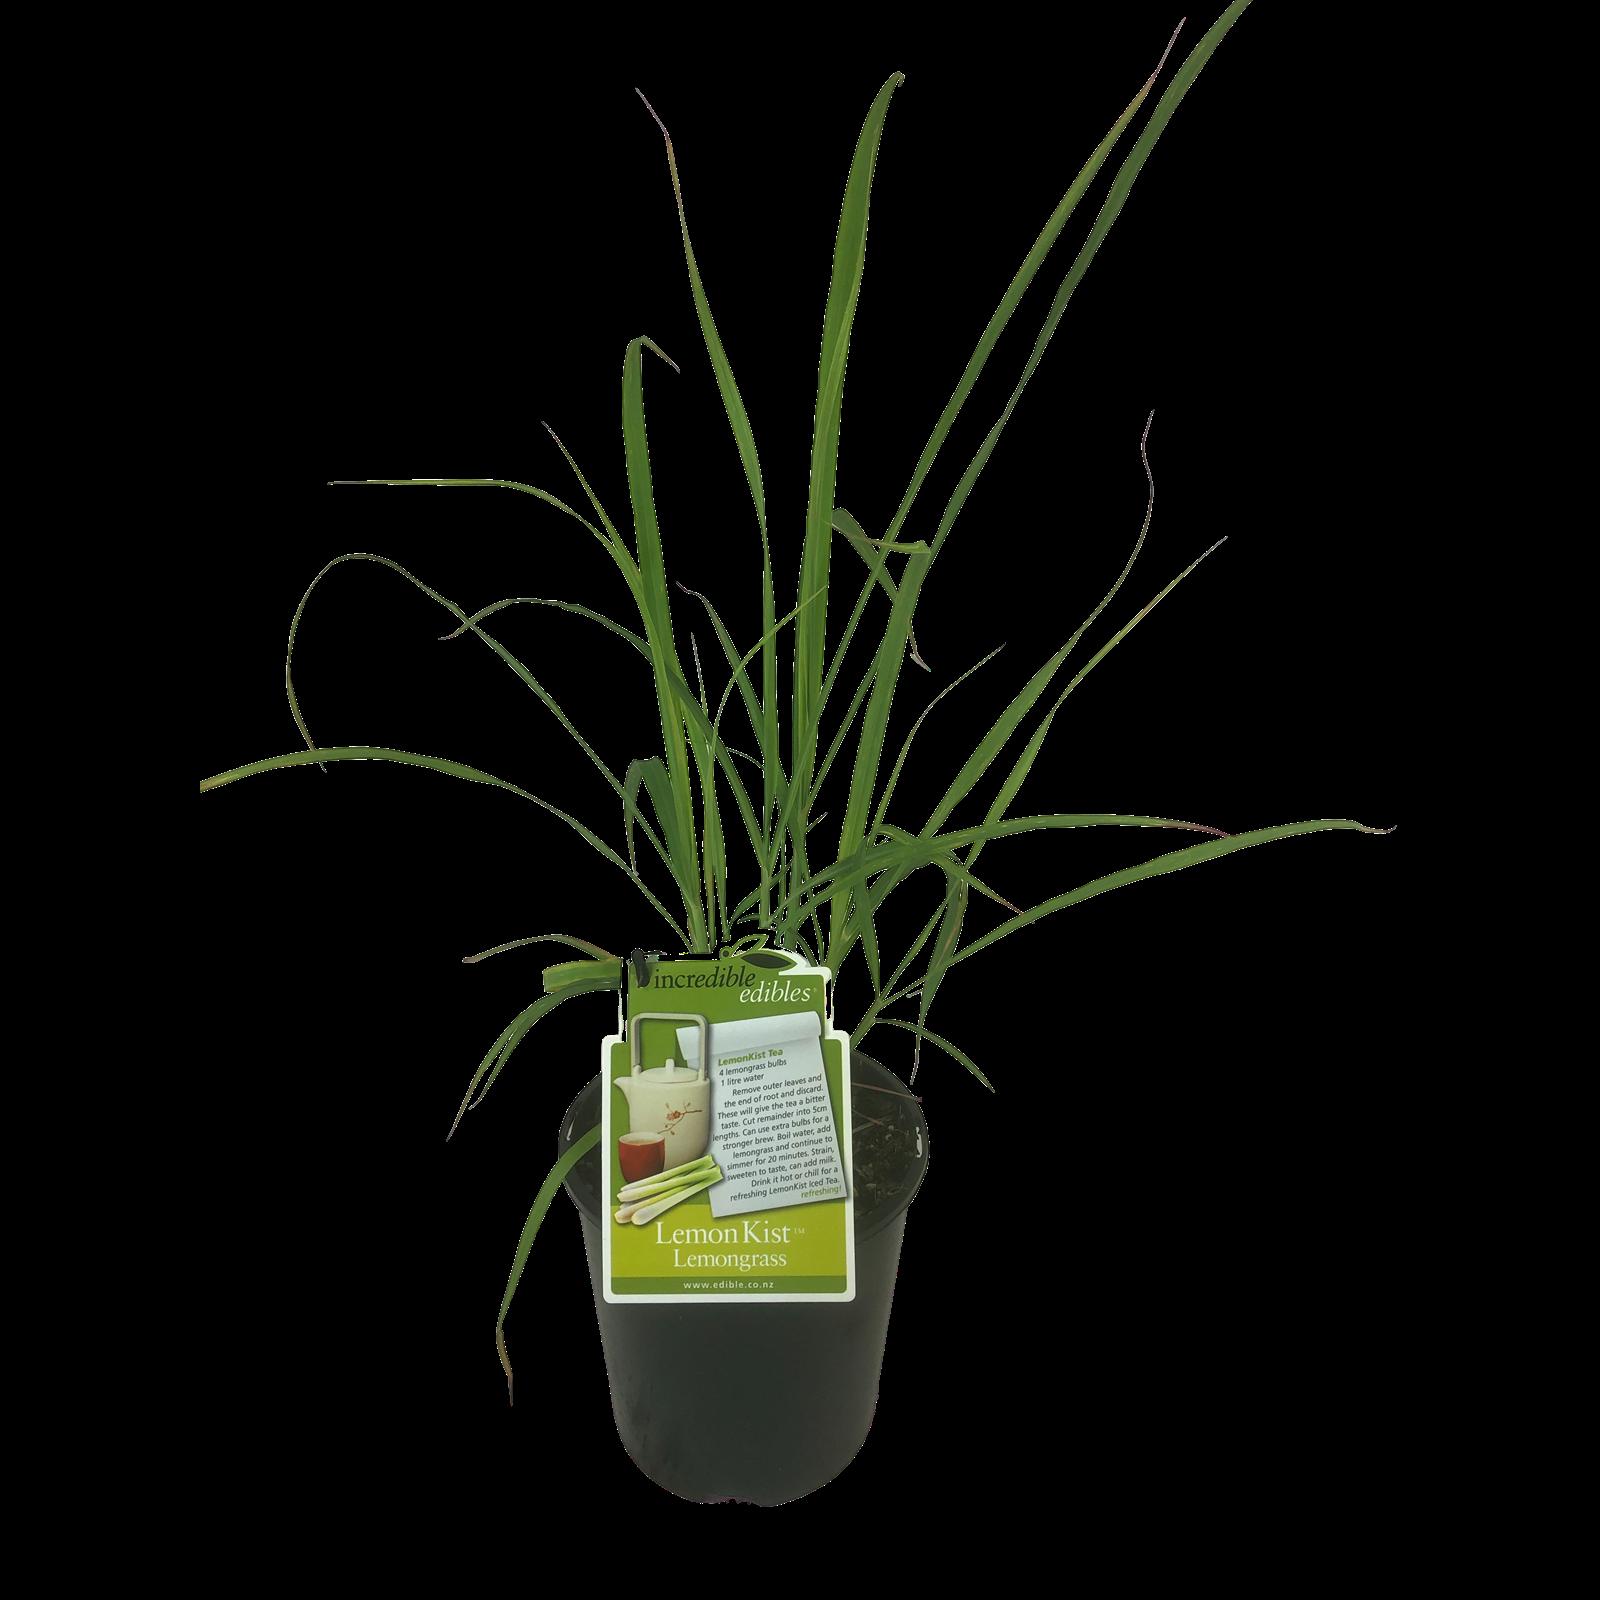 1.9L Lemongrass - Cymbopogon citratus - Incredible Edibles Range